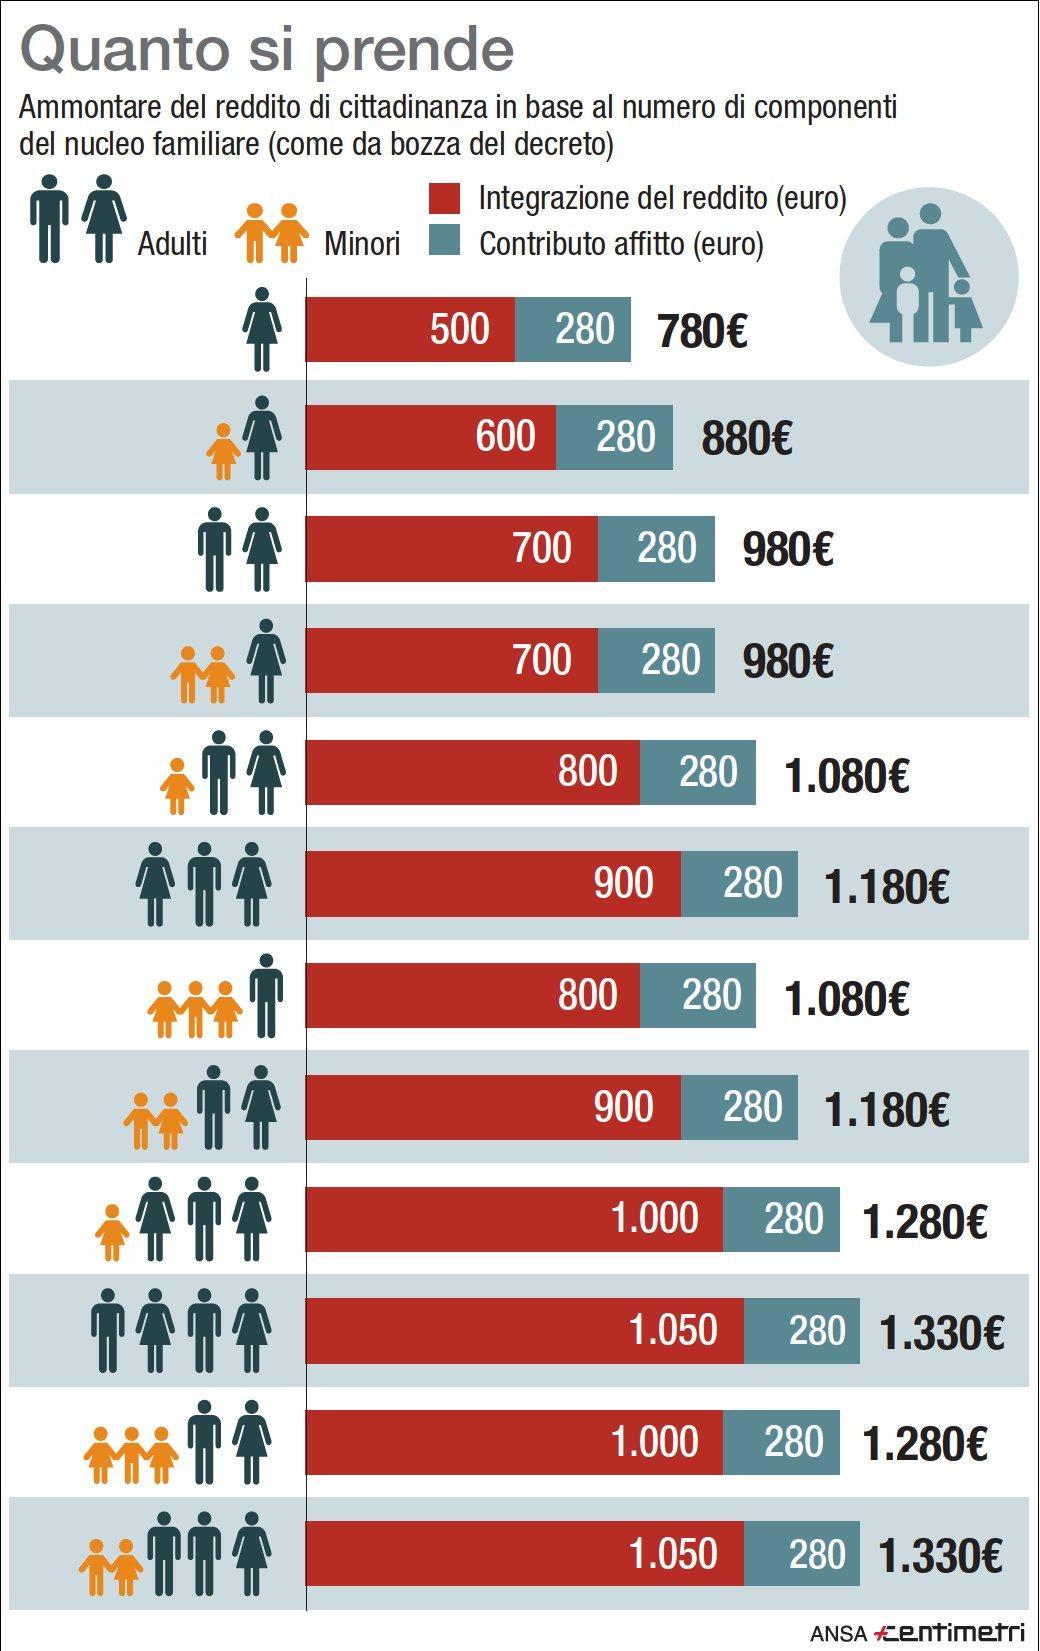 Reddito di cittadinanza, quanto si prende